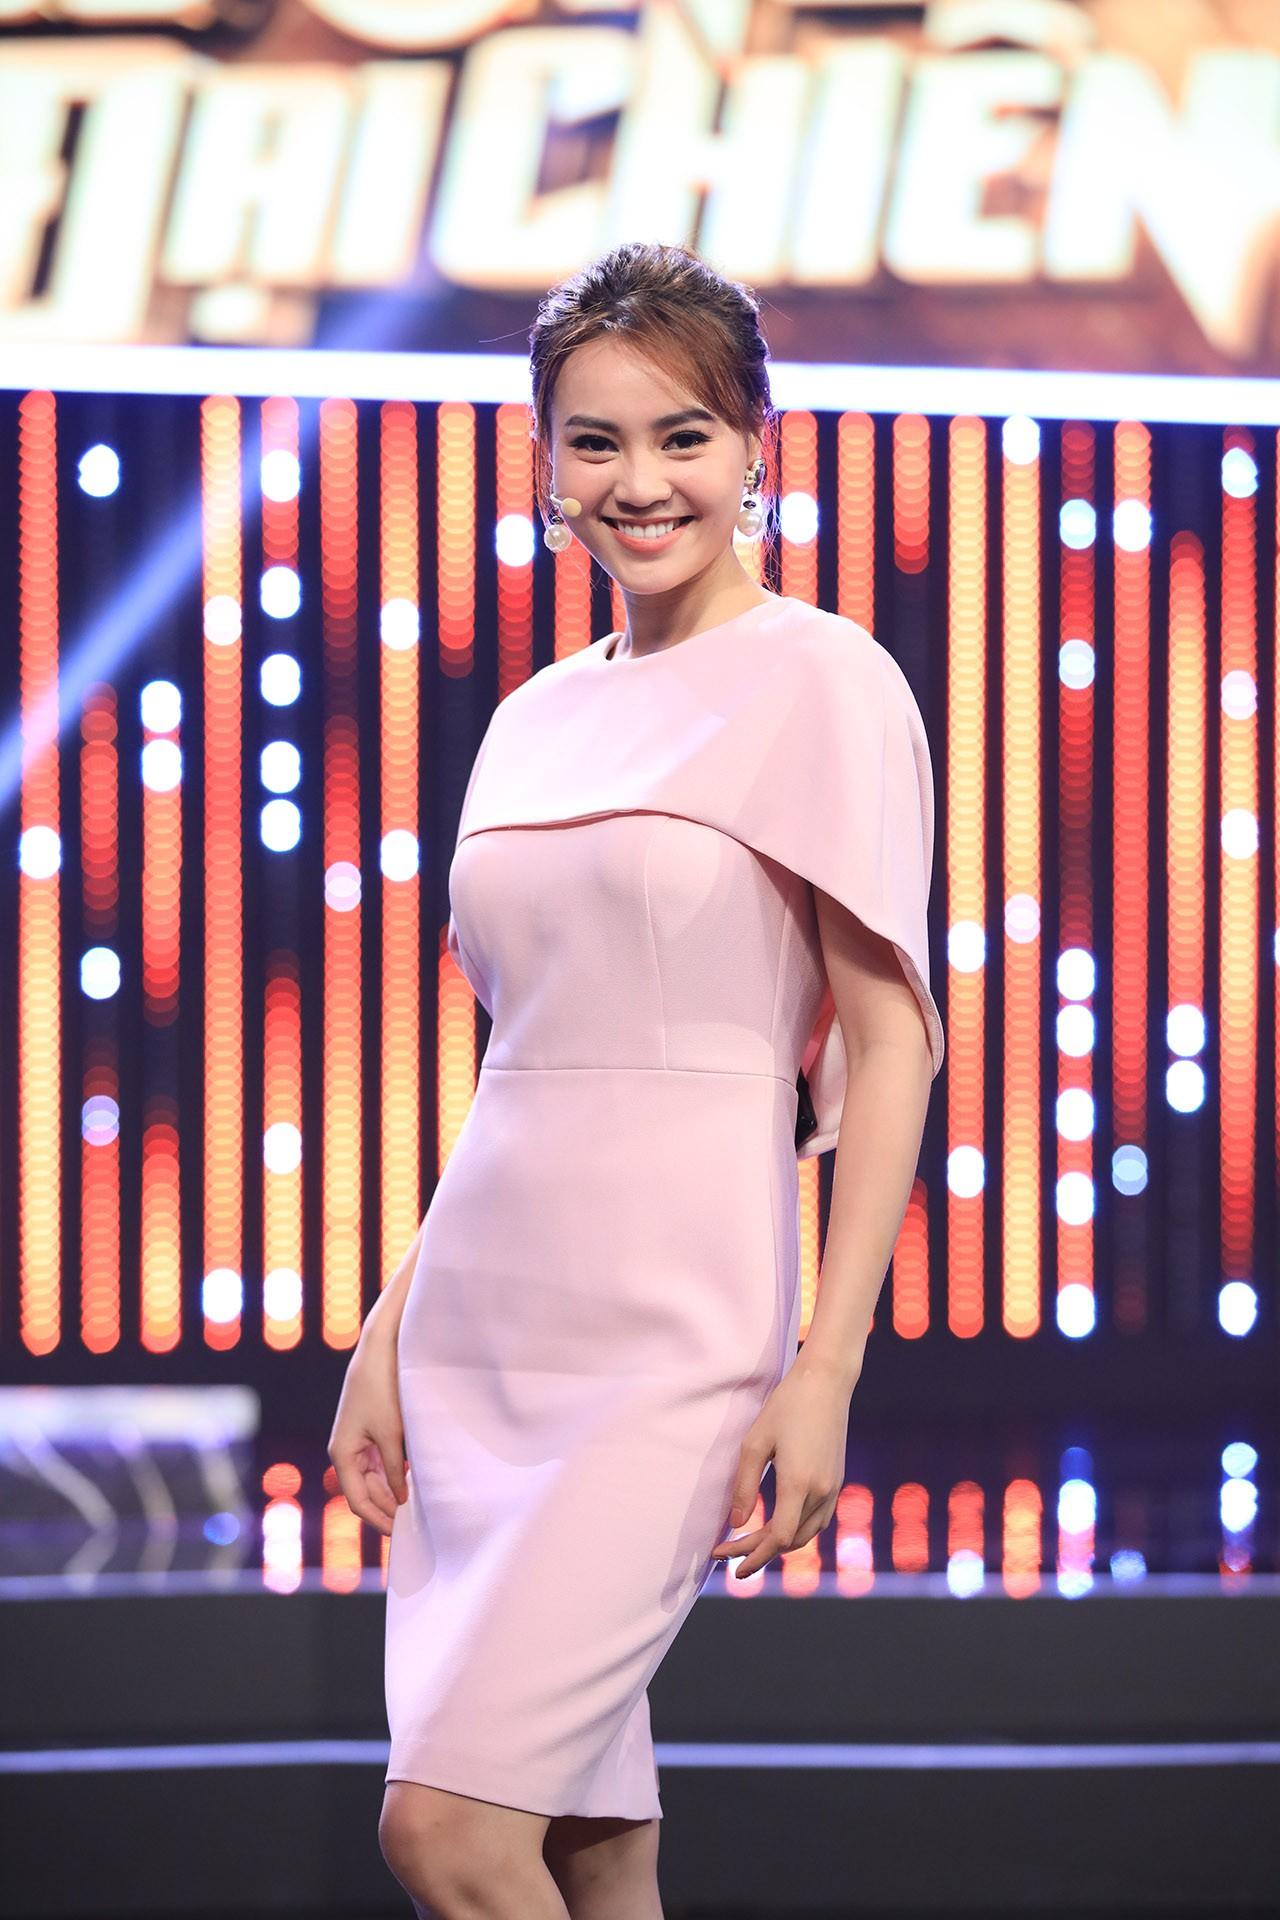 Hoa hậu Hương Giang hốt hoảng khi Lan Ngọc rủ rê trai đẹp về chung nhà chỉ sau 1 lần gặp mặt  - Ảnh 8.